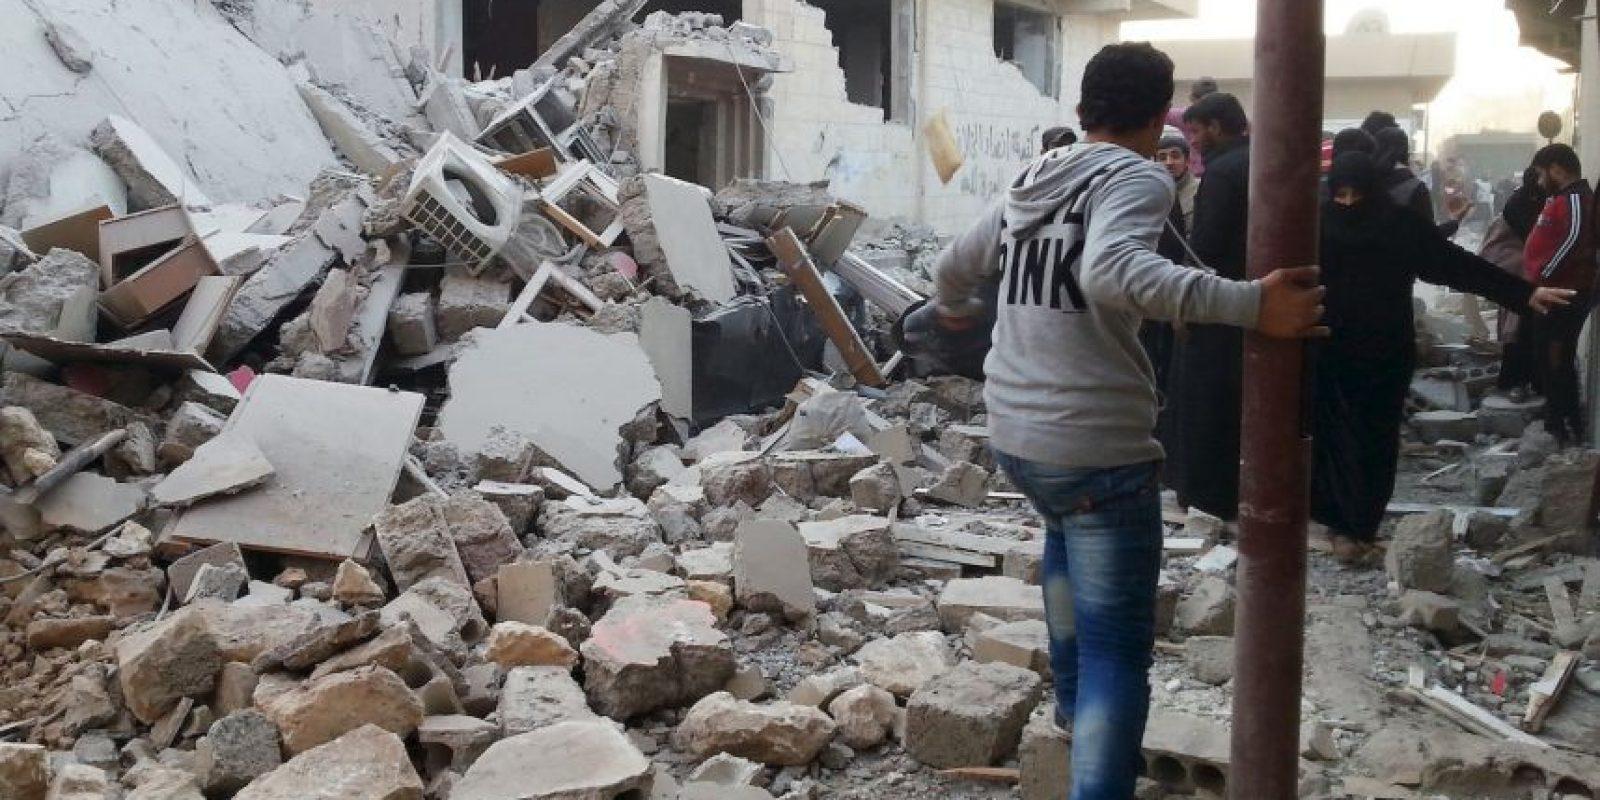 Divulgan nuevo video de supuesta decapitación por parte de ISIS Tras el conflico miles de refugiados sirios legaron a Turquía. Foto:AFP